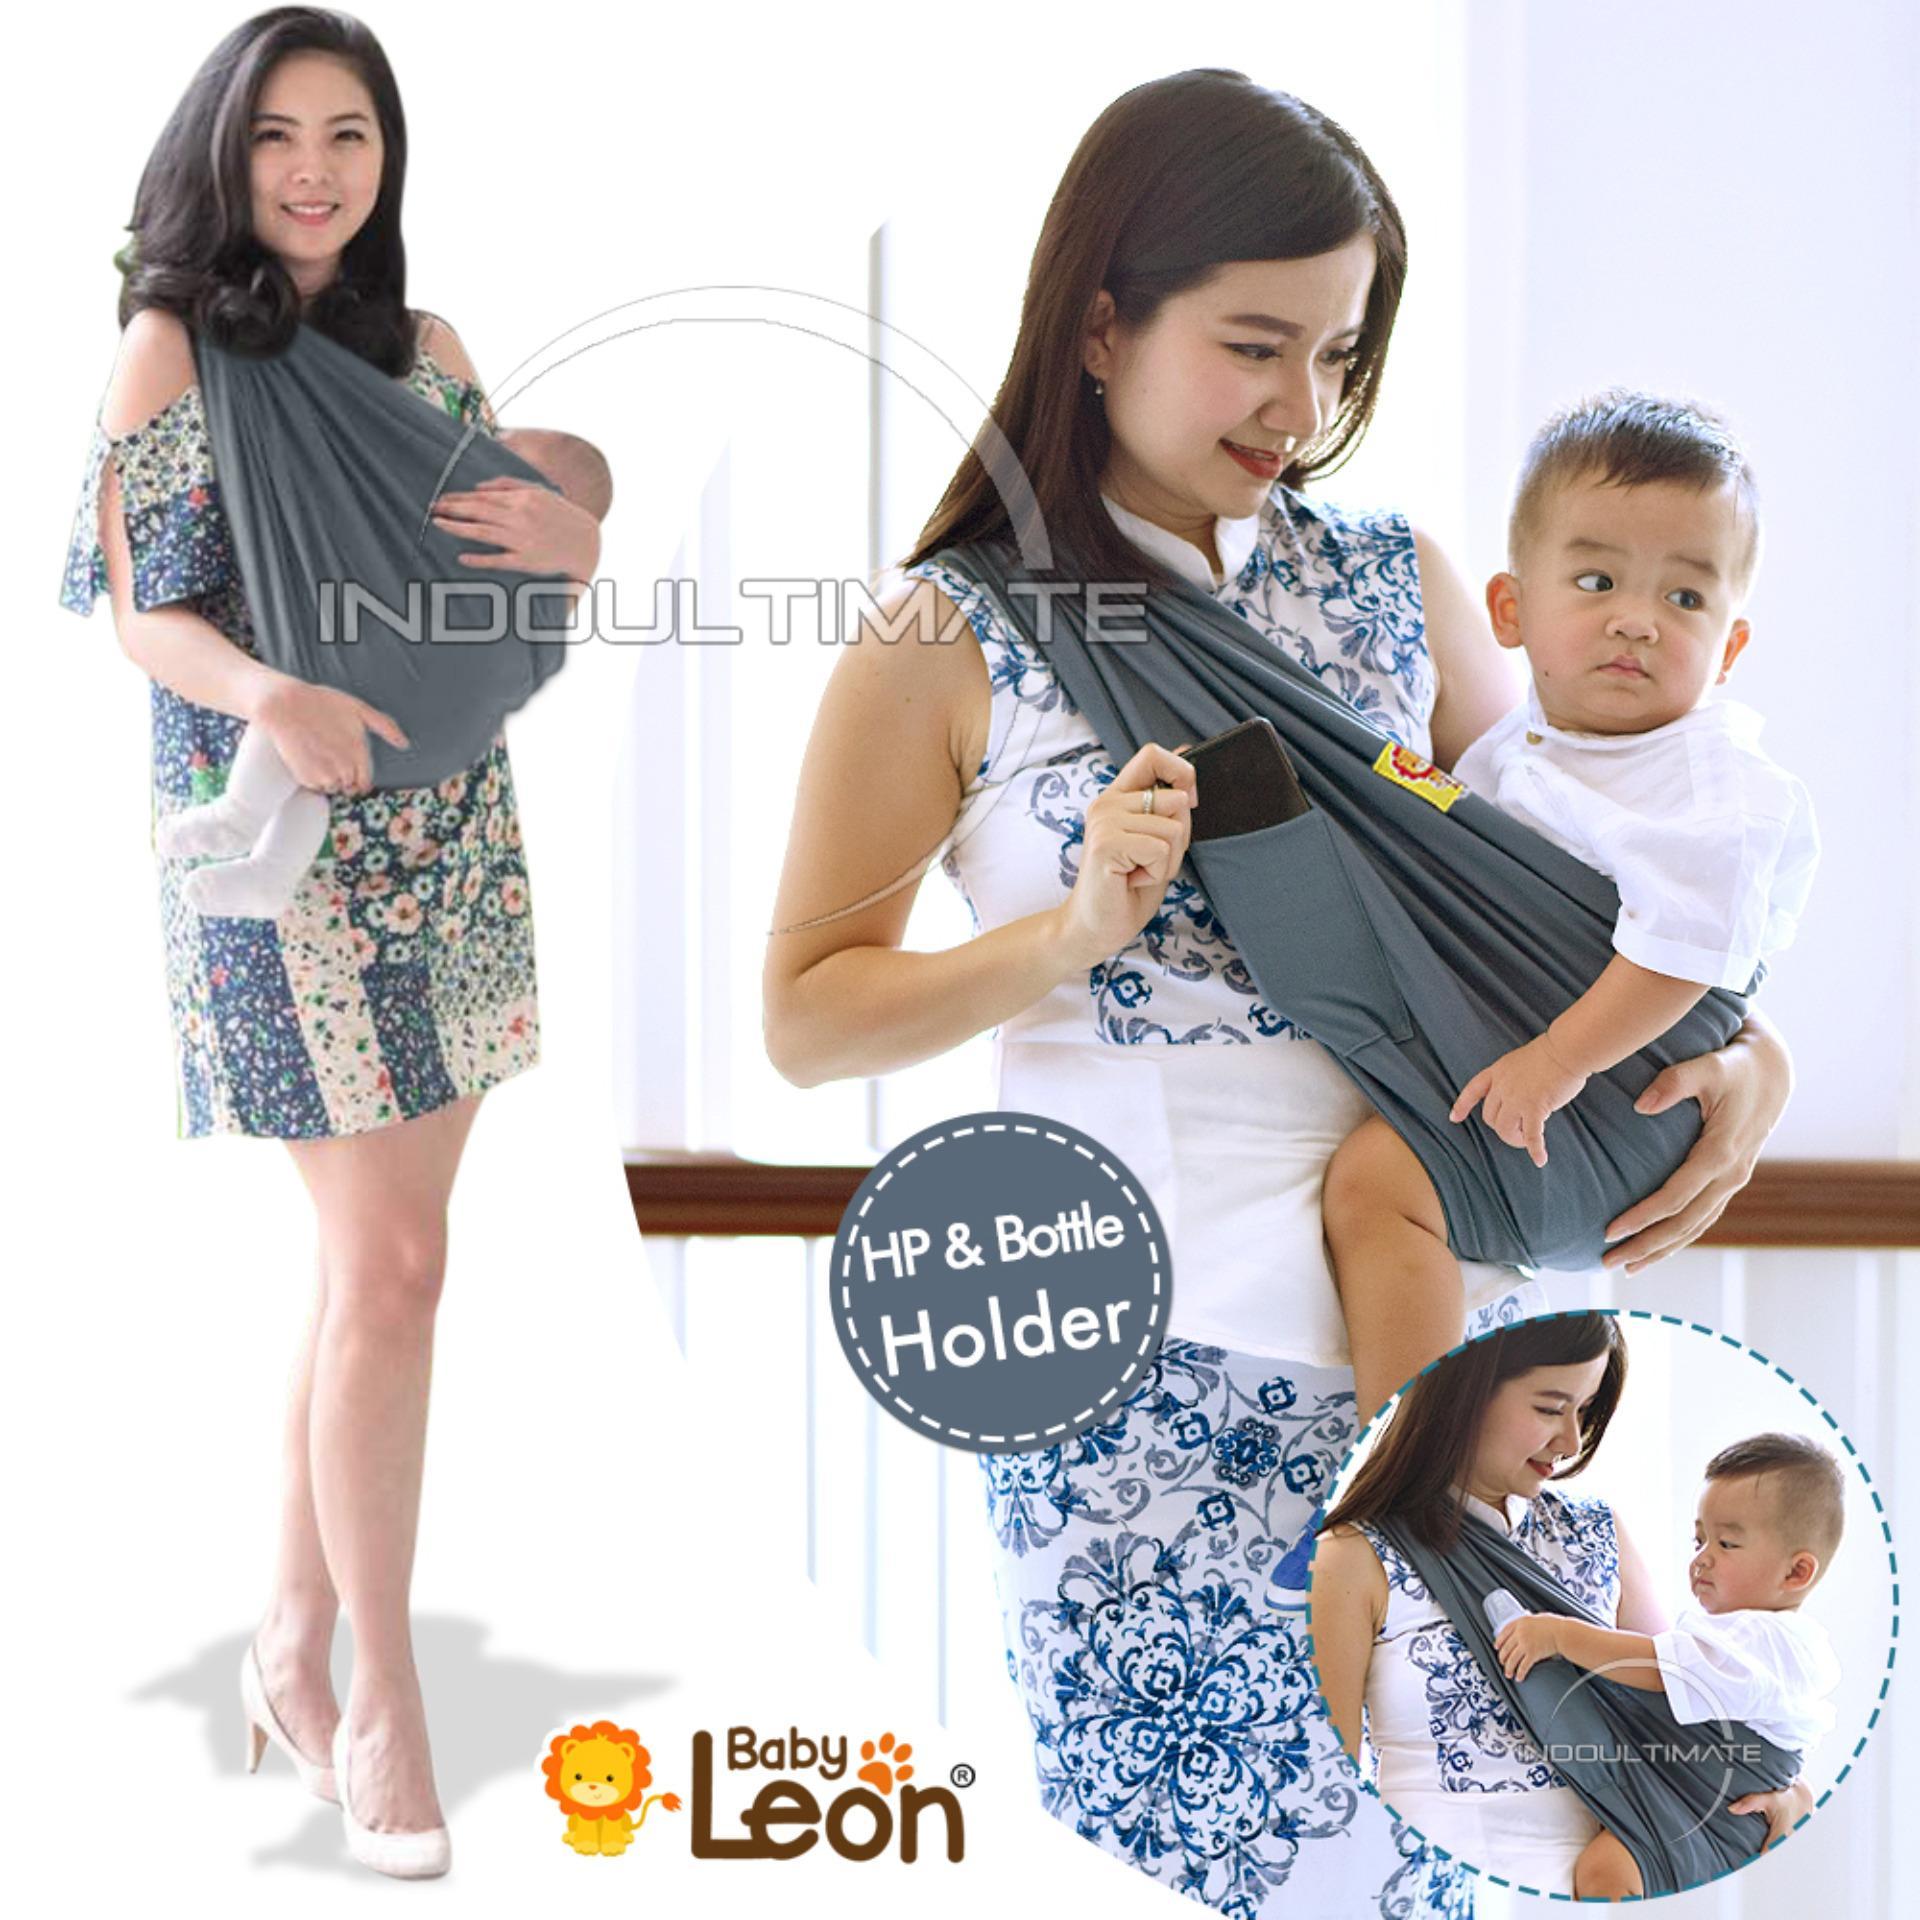 BABY LEON GENDONGAN Bayi Kaos/Geos/selendang Bayi Praktis BY 44 GB Polos Ukuran M - Dark Grey